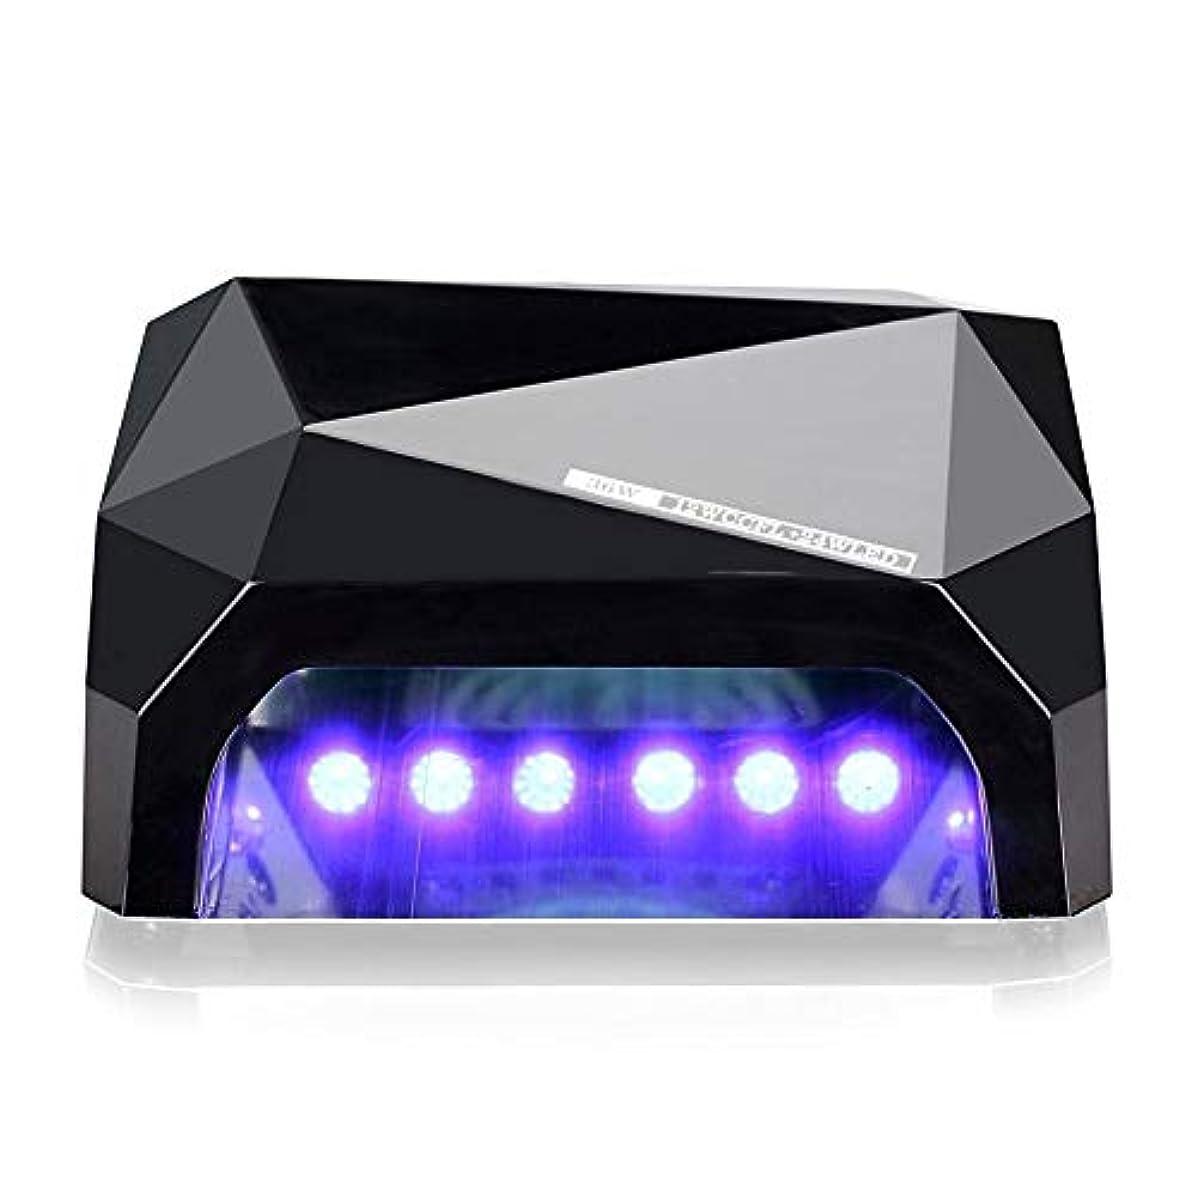 欠席遷移発明36W LED UVネイルランプネイルライトドライヤー用硬化ジェルネイルポリッシュ用ネイルアートマニキュアツール3タイムプレセット(10秒30秒60秒)6色